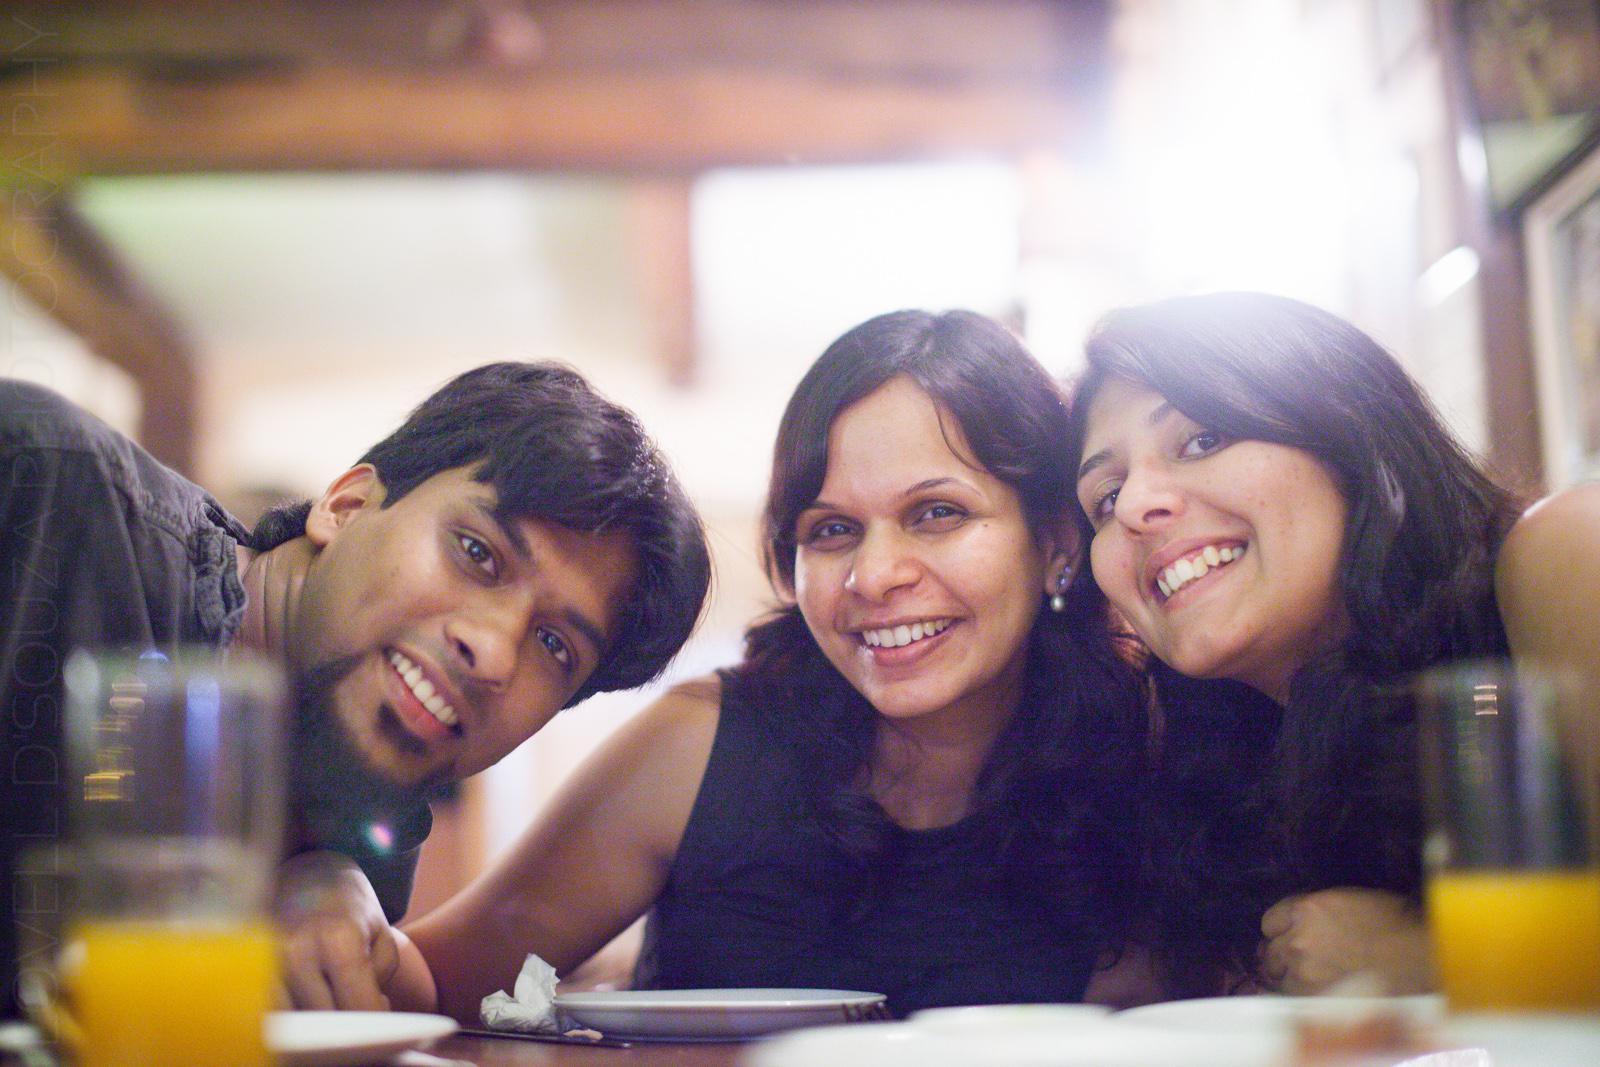 Daniel, Melanie & Priya